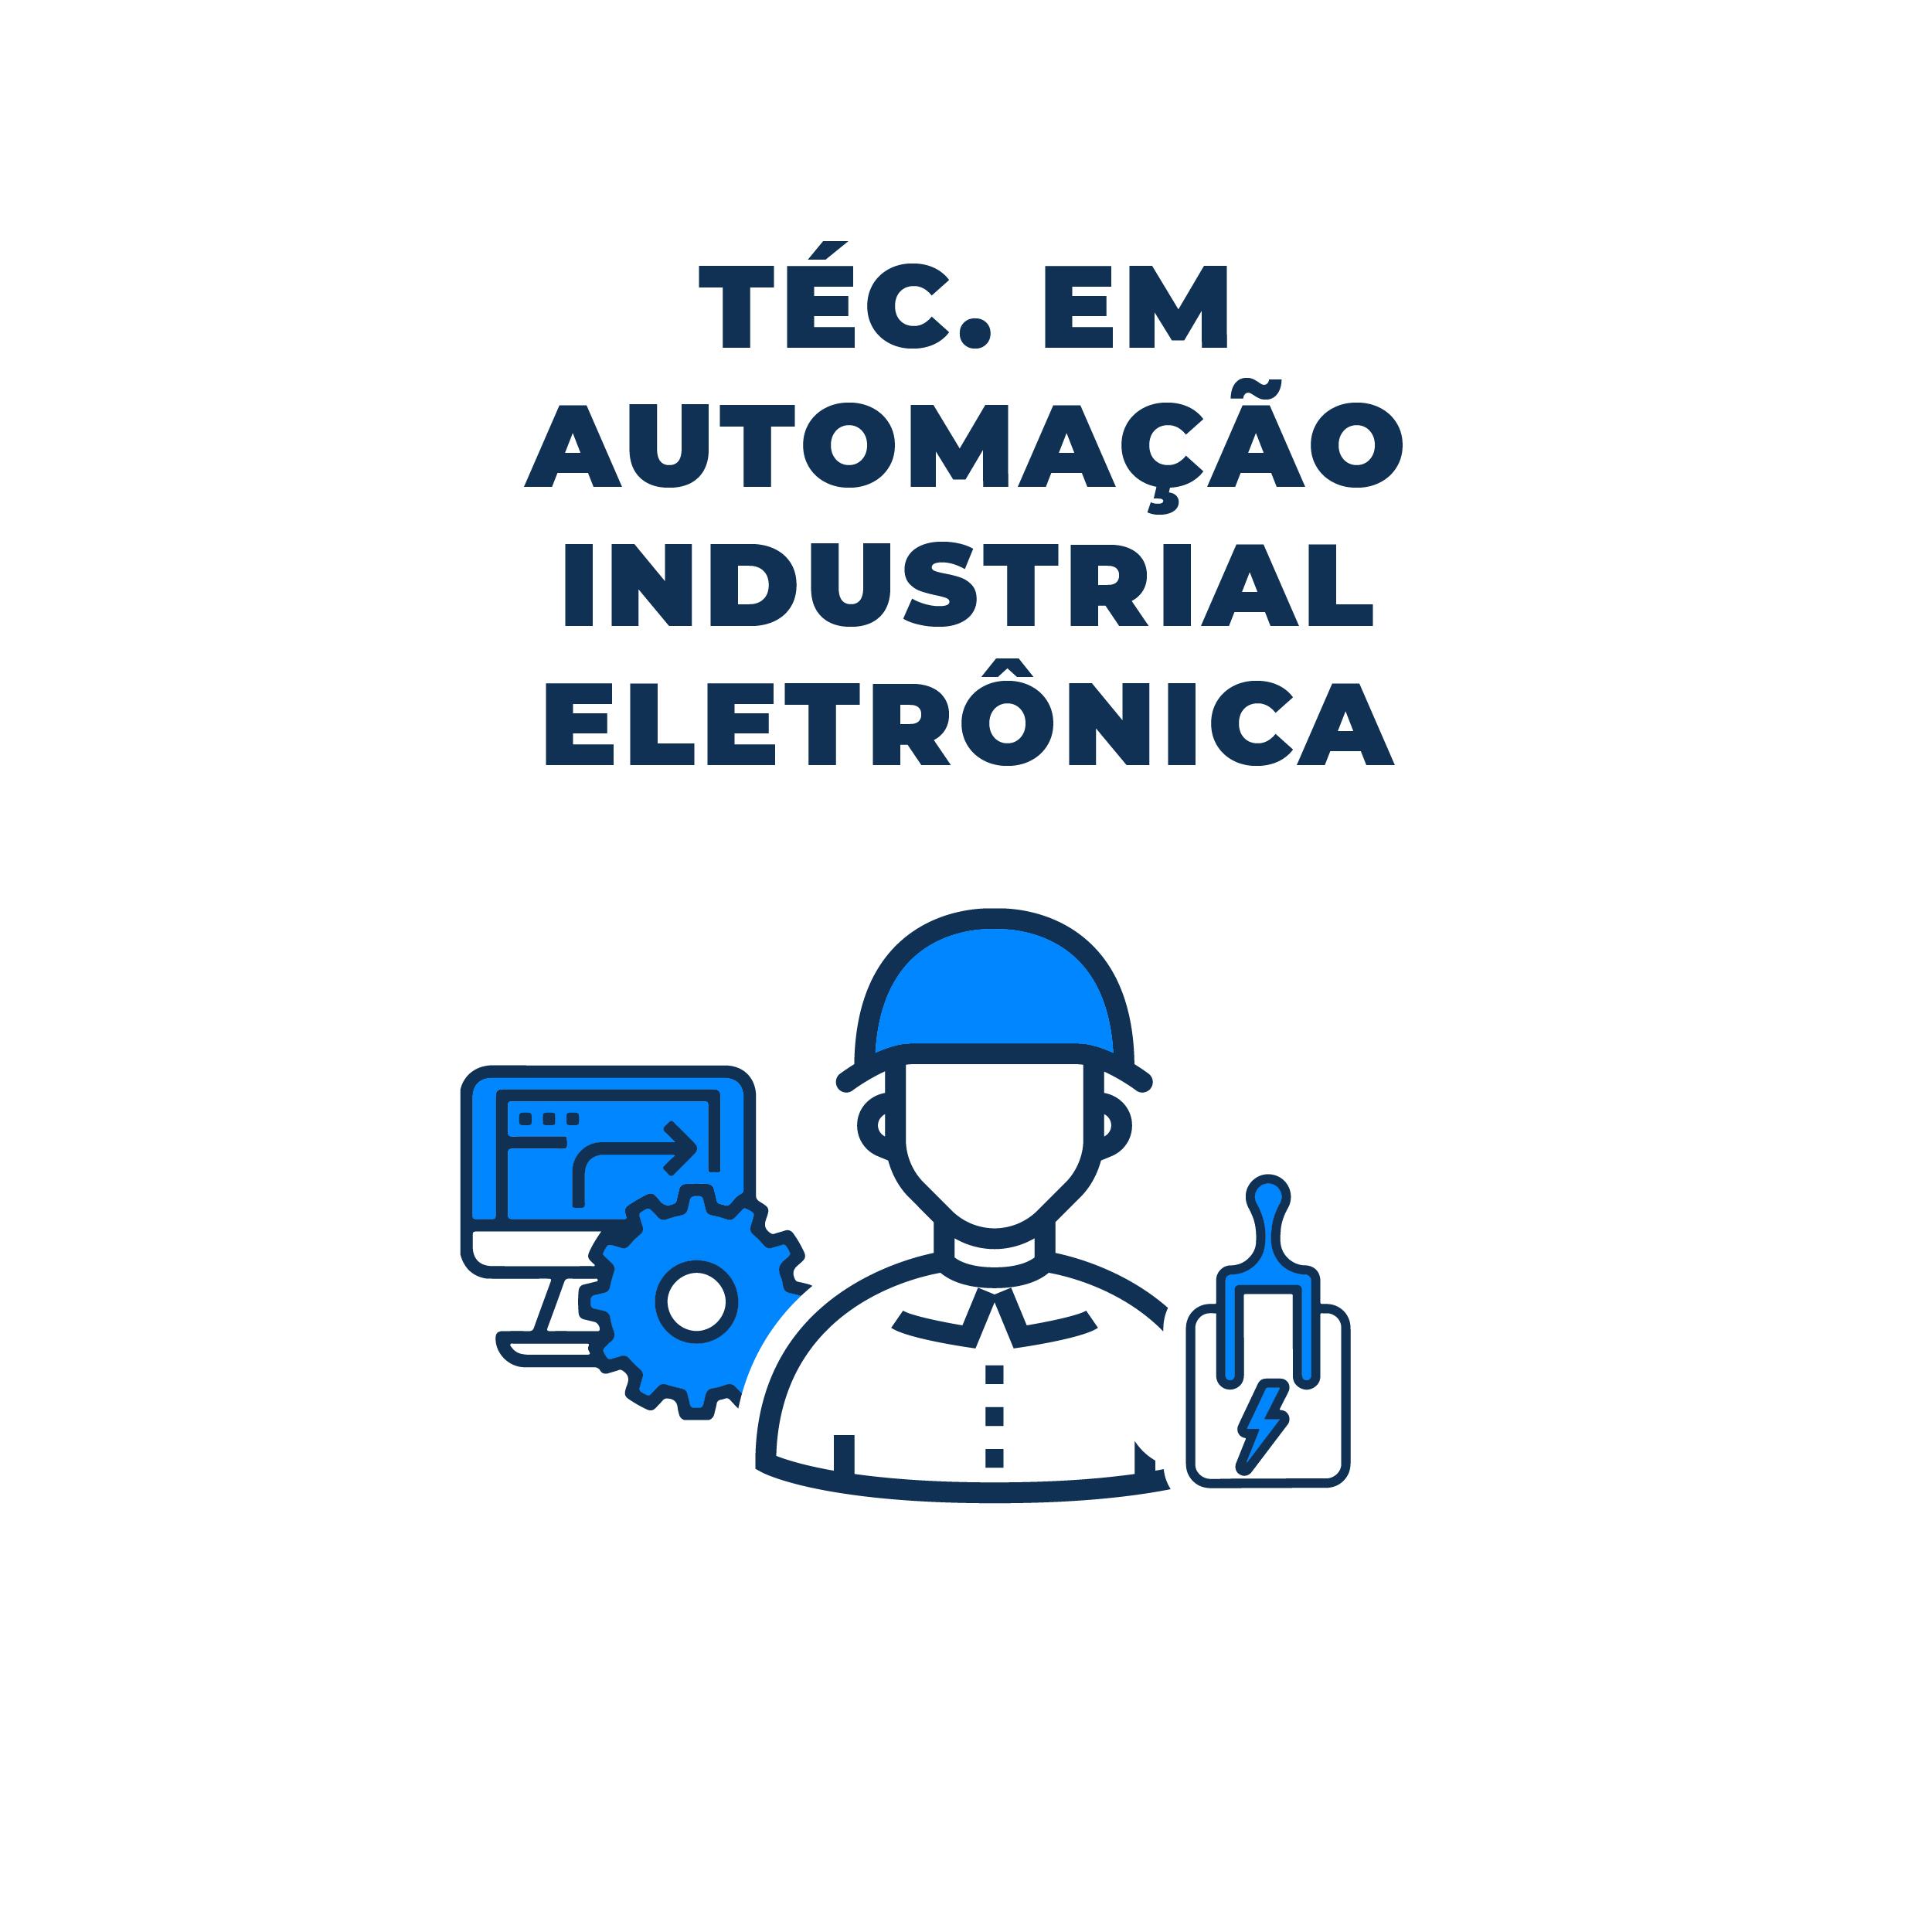 automação industrial eletronica